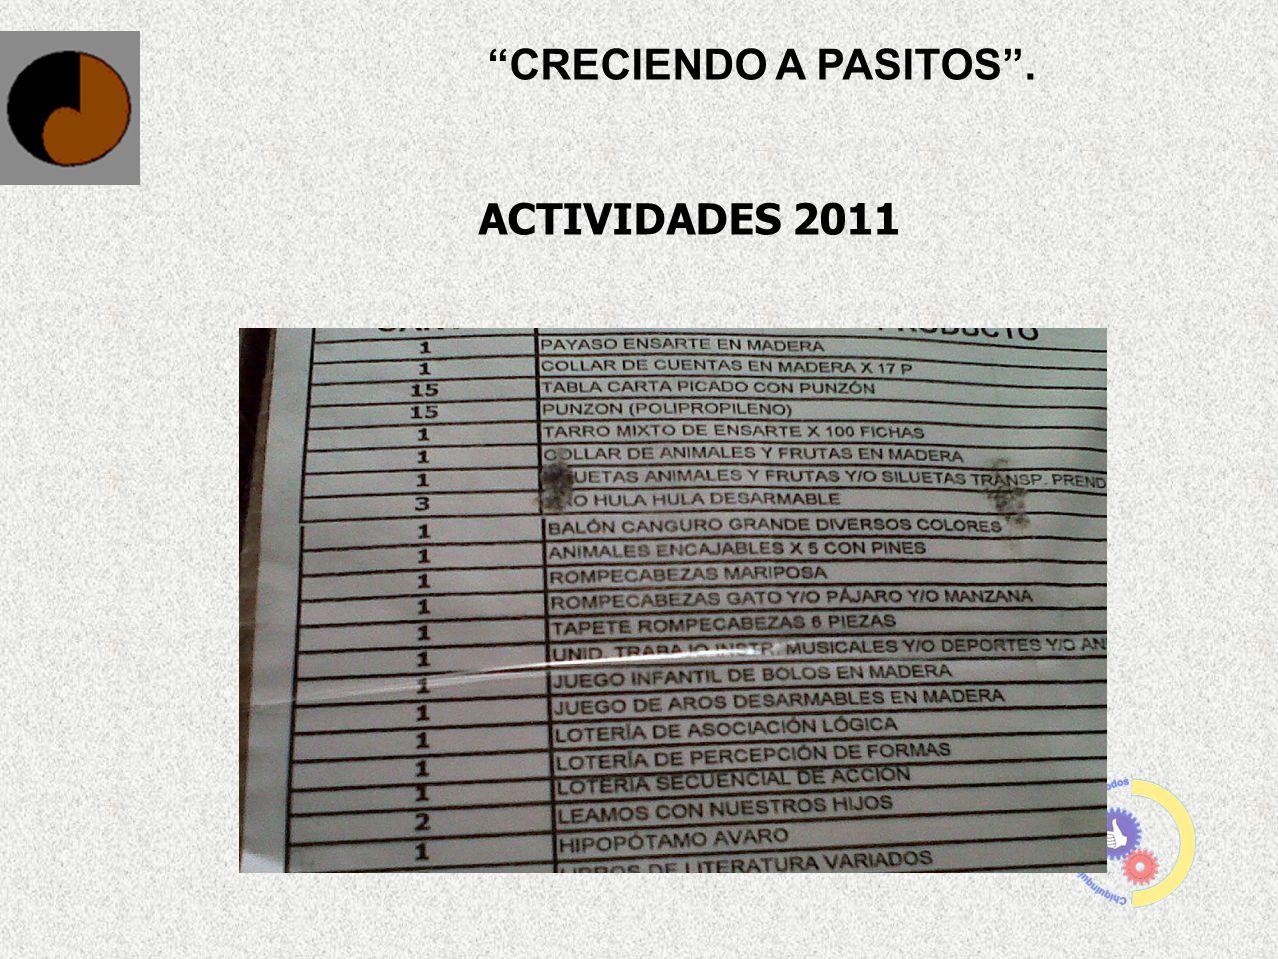 CRECIENDO A PASITOS . ACTIVIDADES 2011